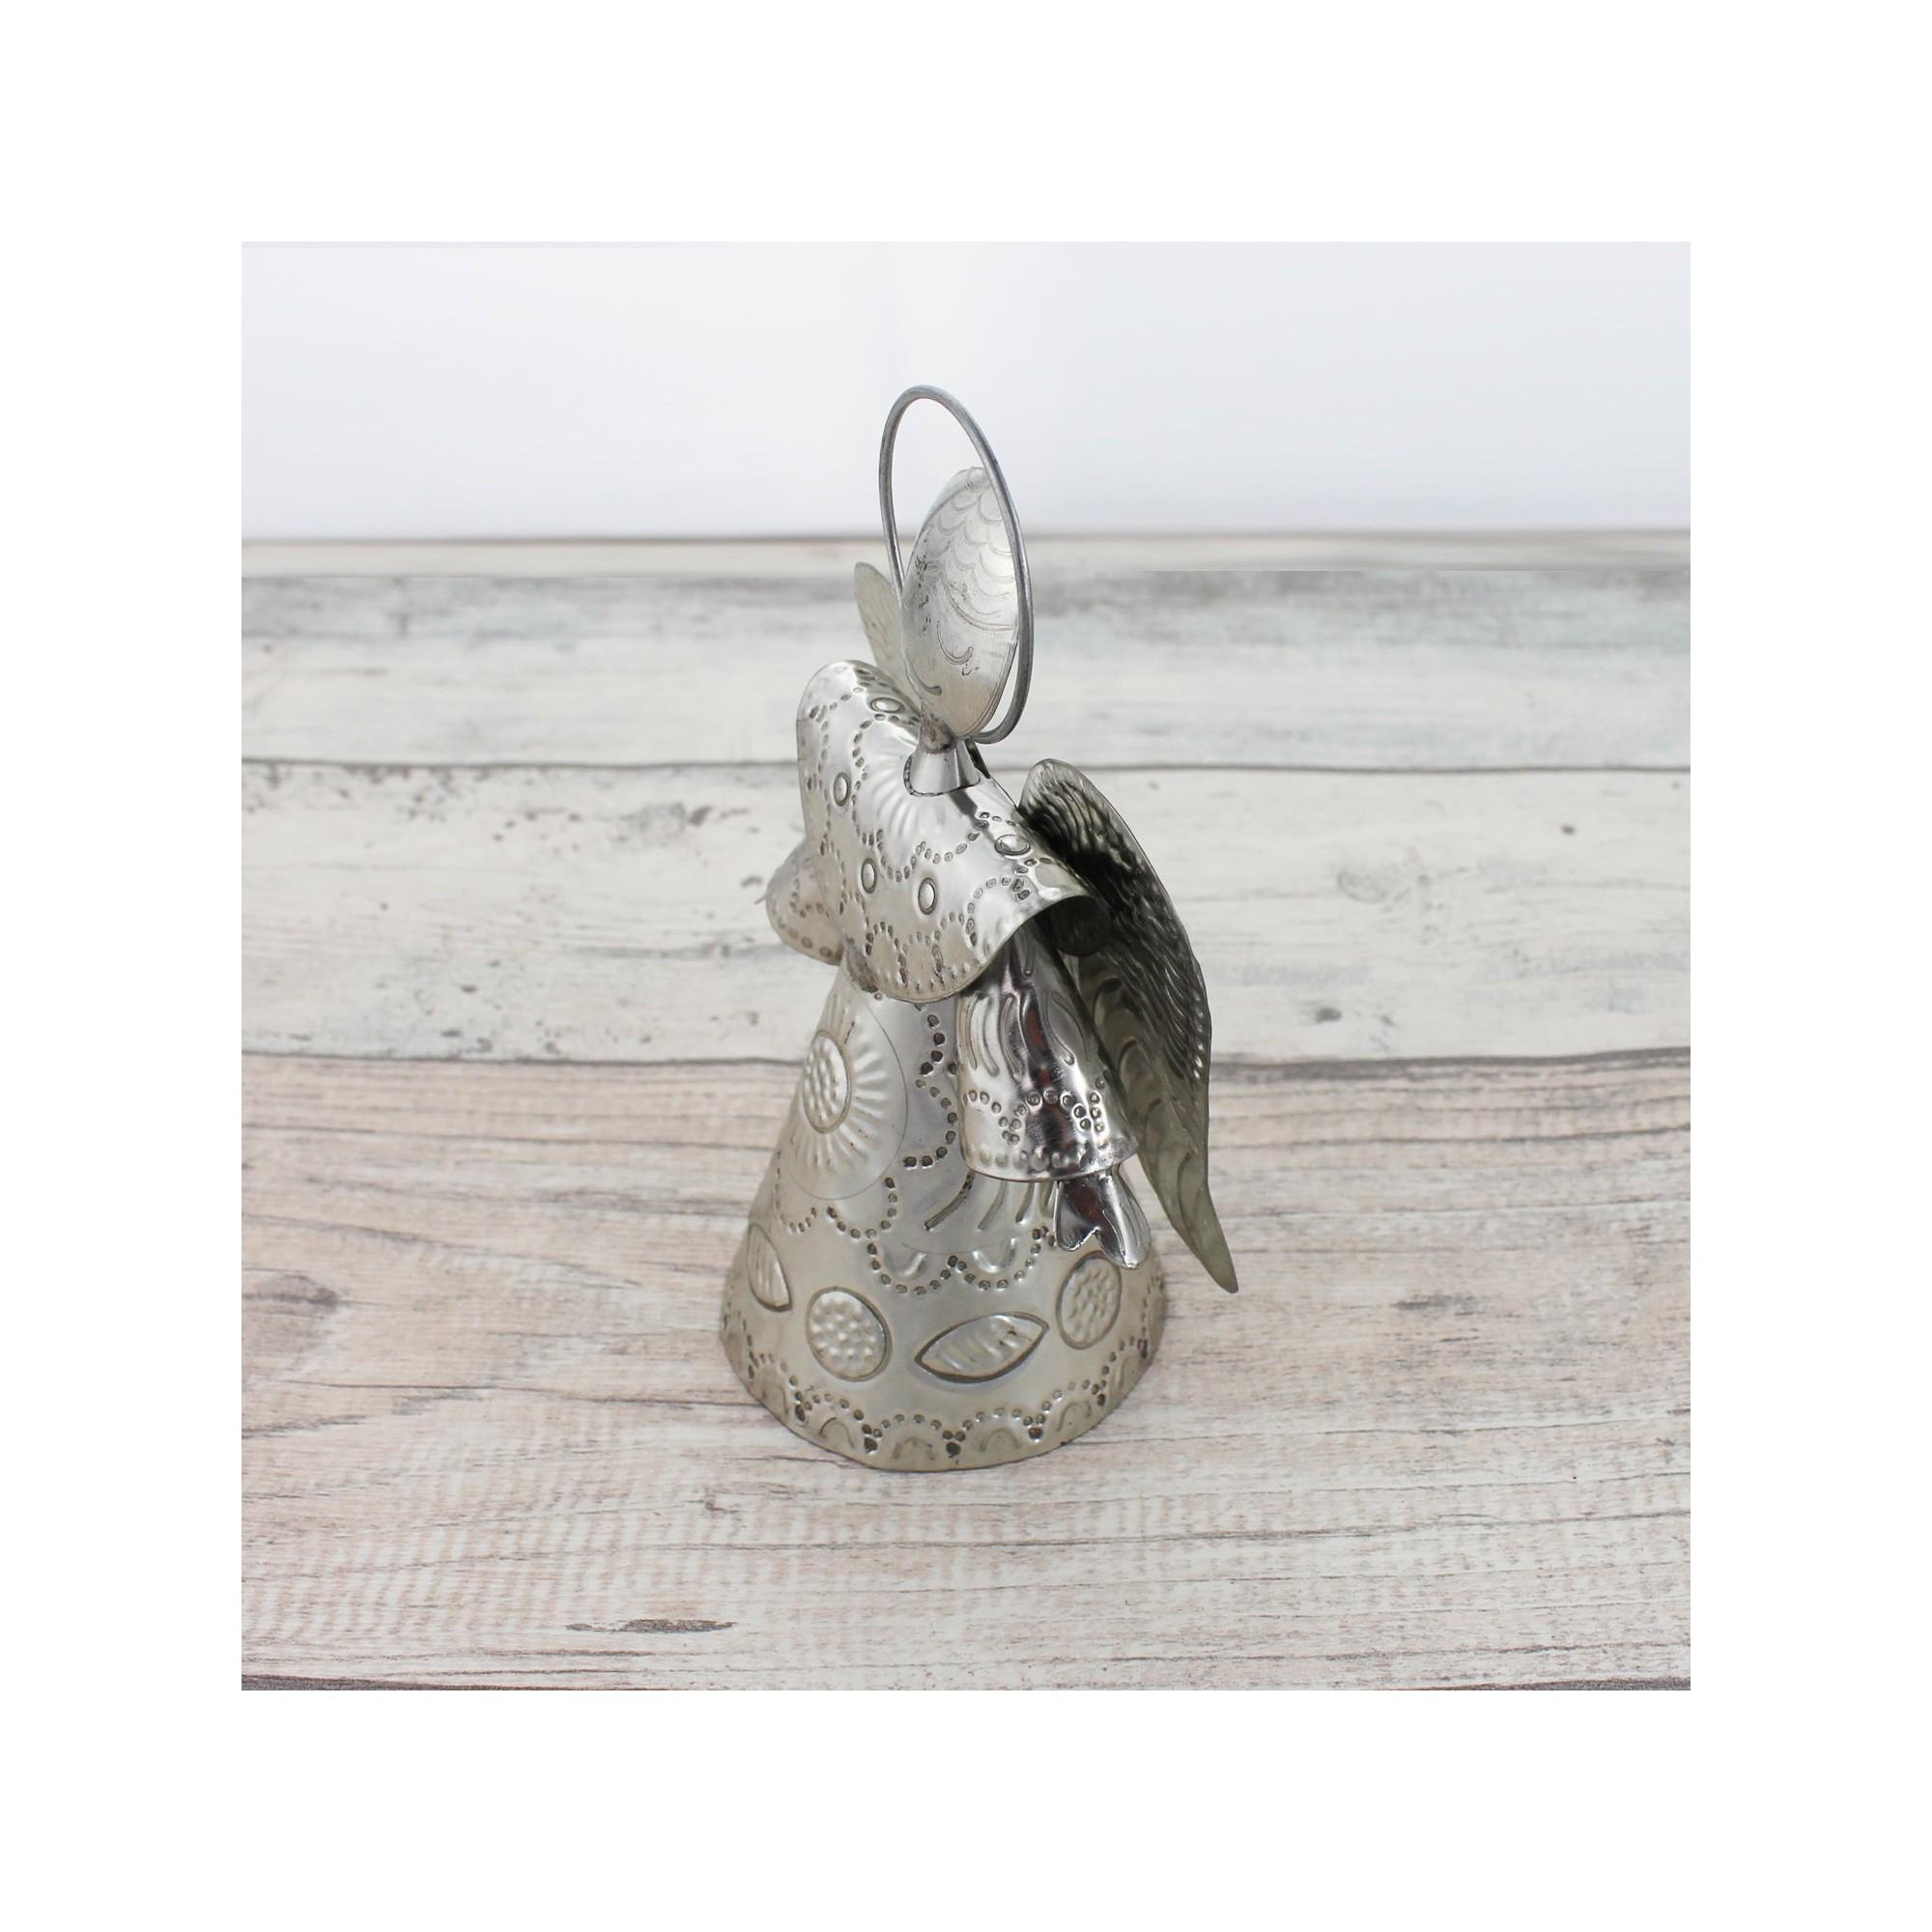 Engel silber weihnachtsdeko 15cm kaufen - Weihnachtsdeko silber ...